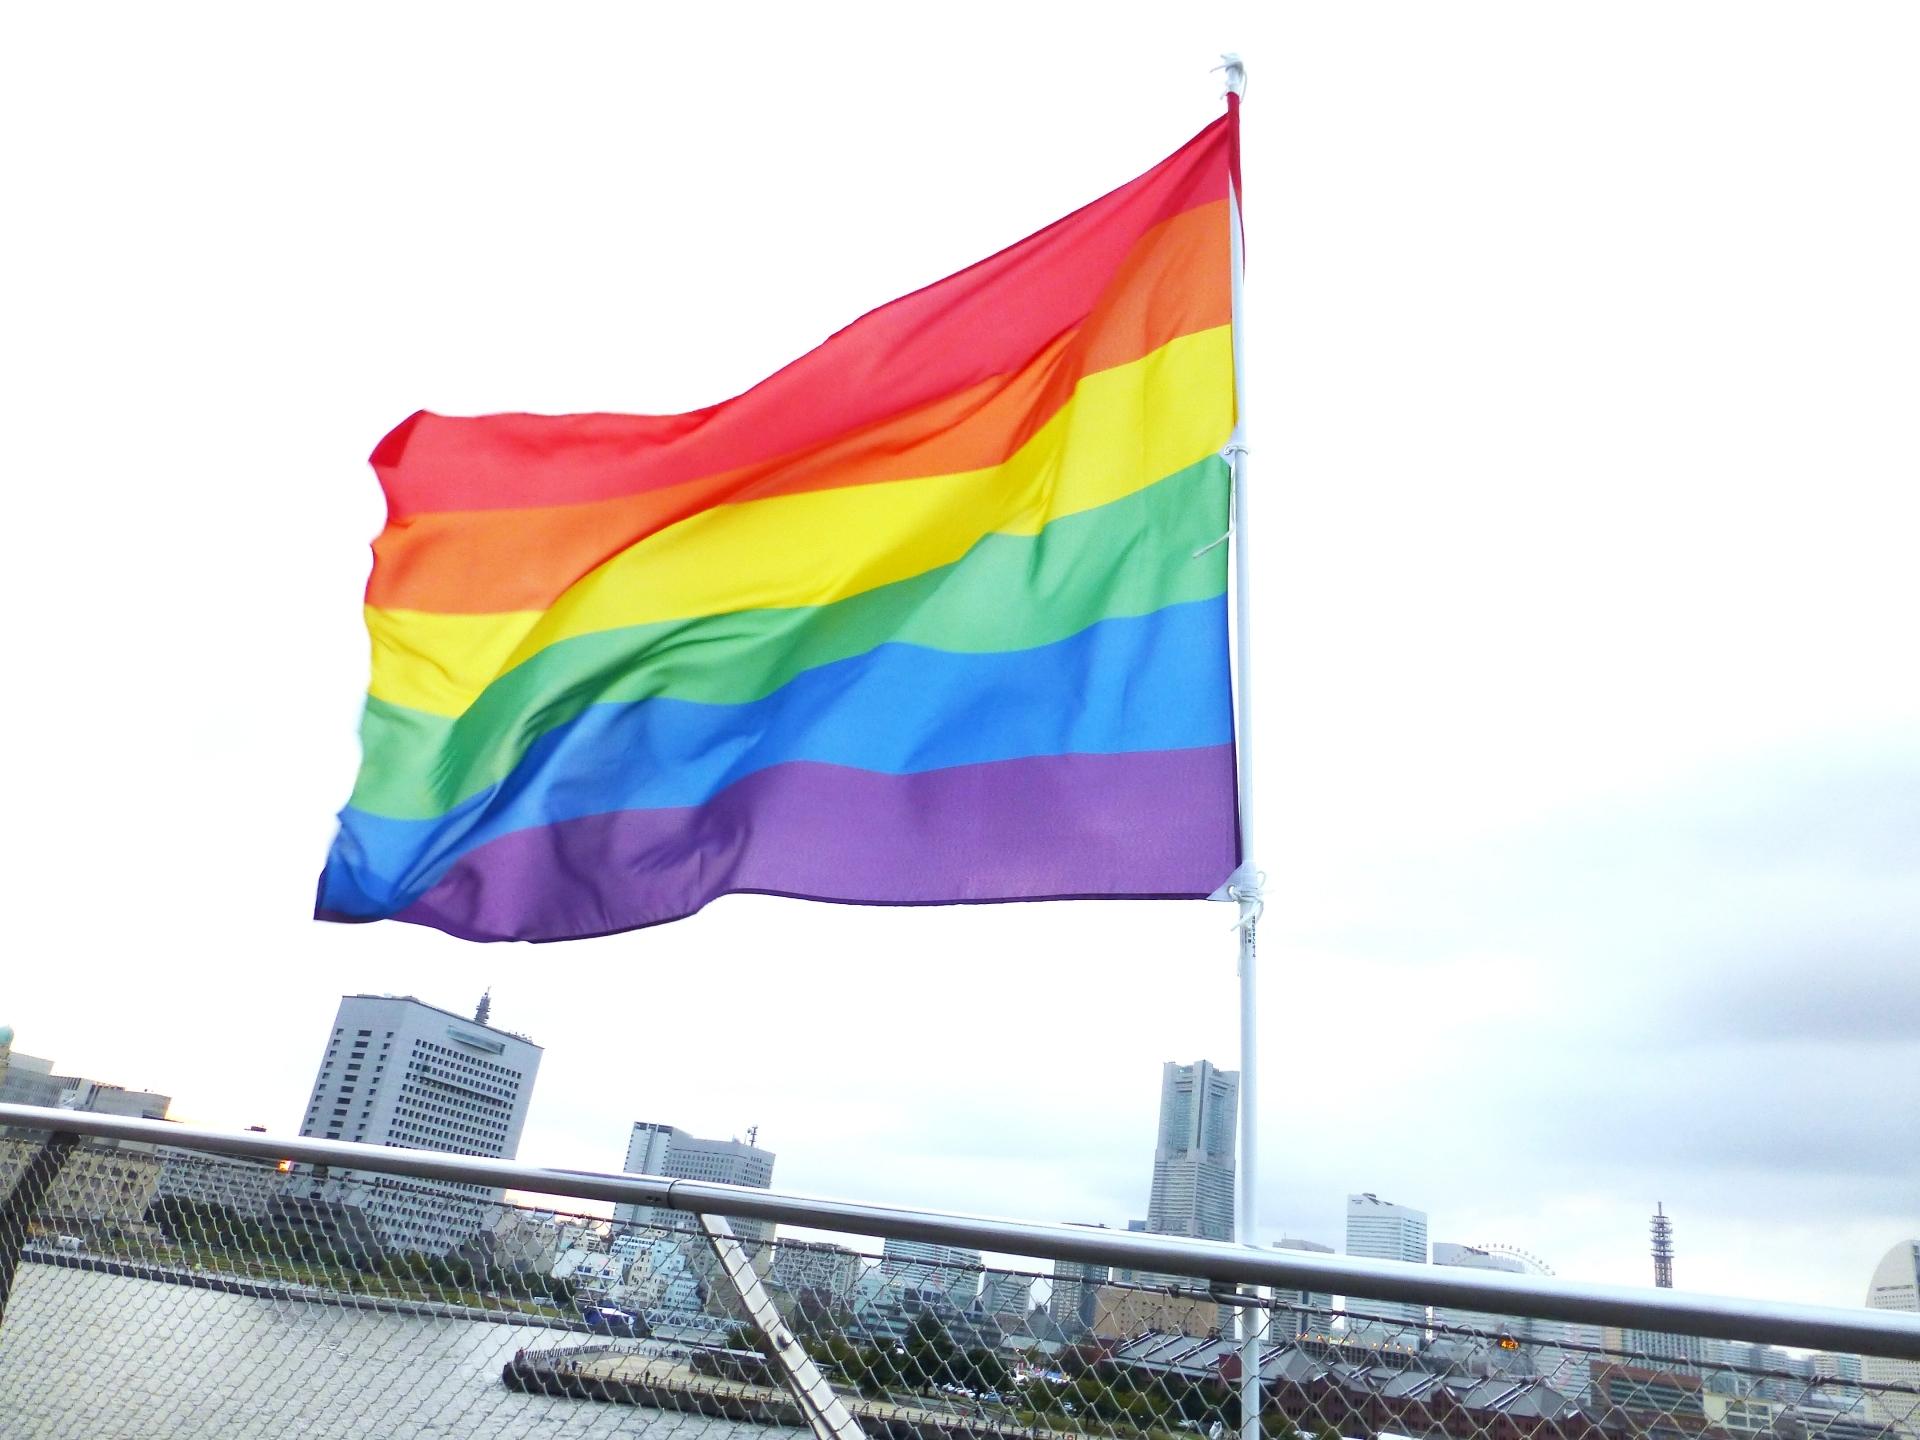 中野区が同性カップル認定制度を開始 公的に証明書を交付へ、8月から